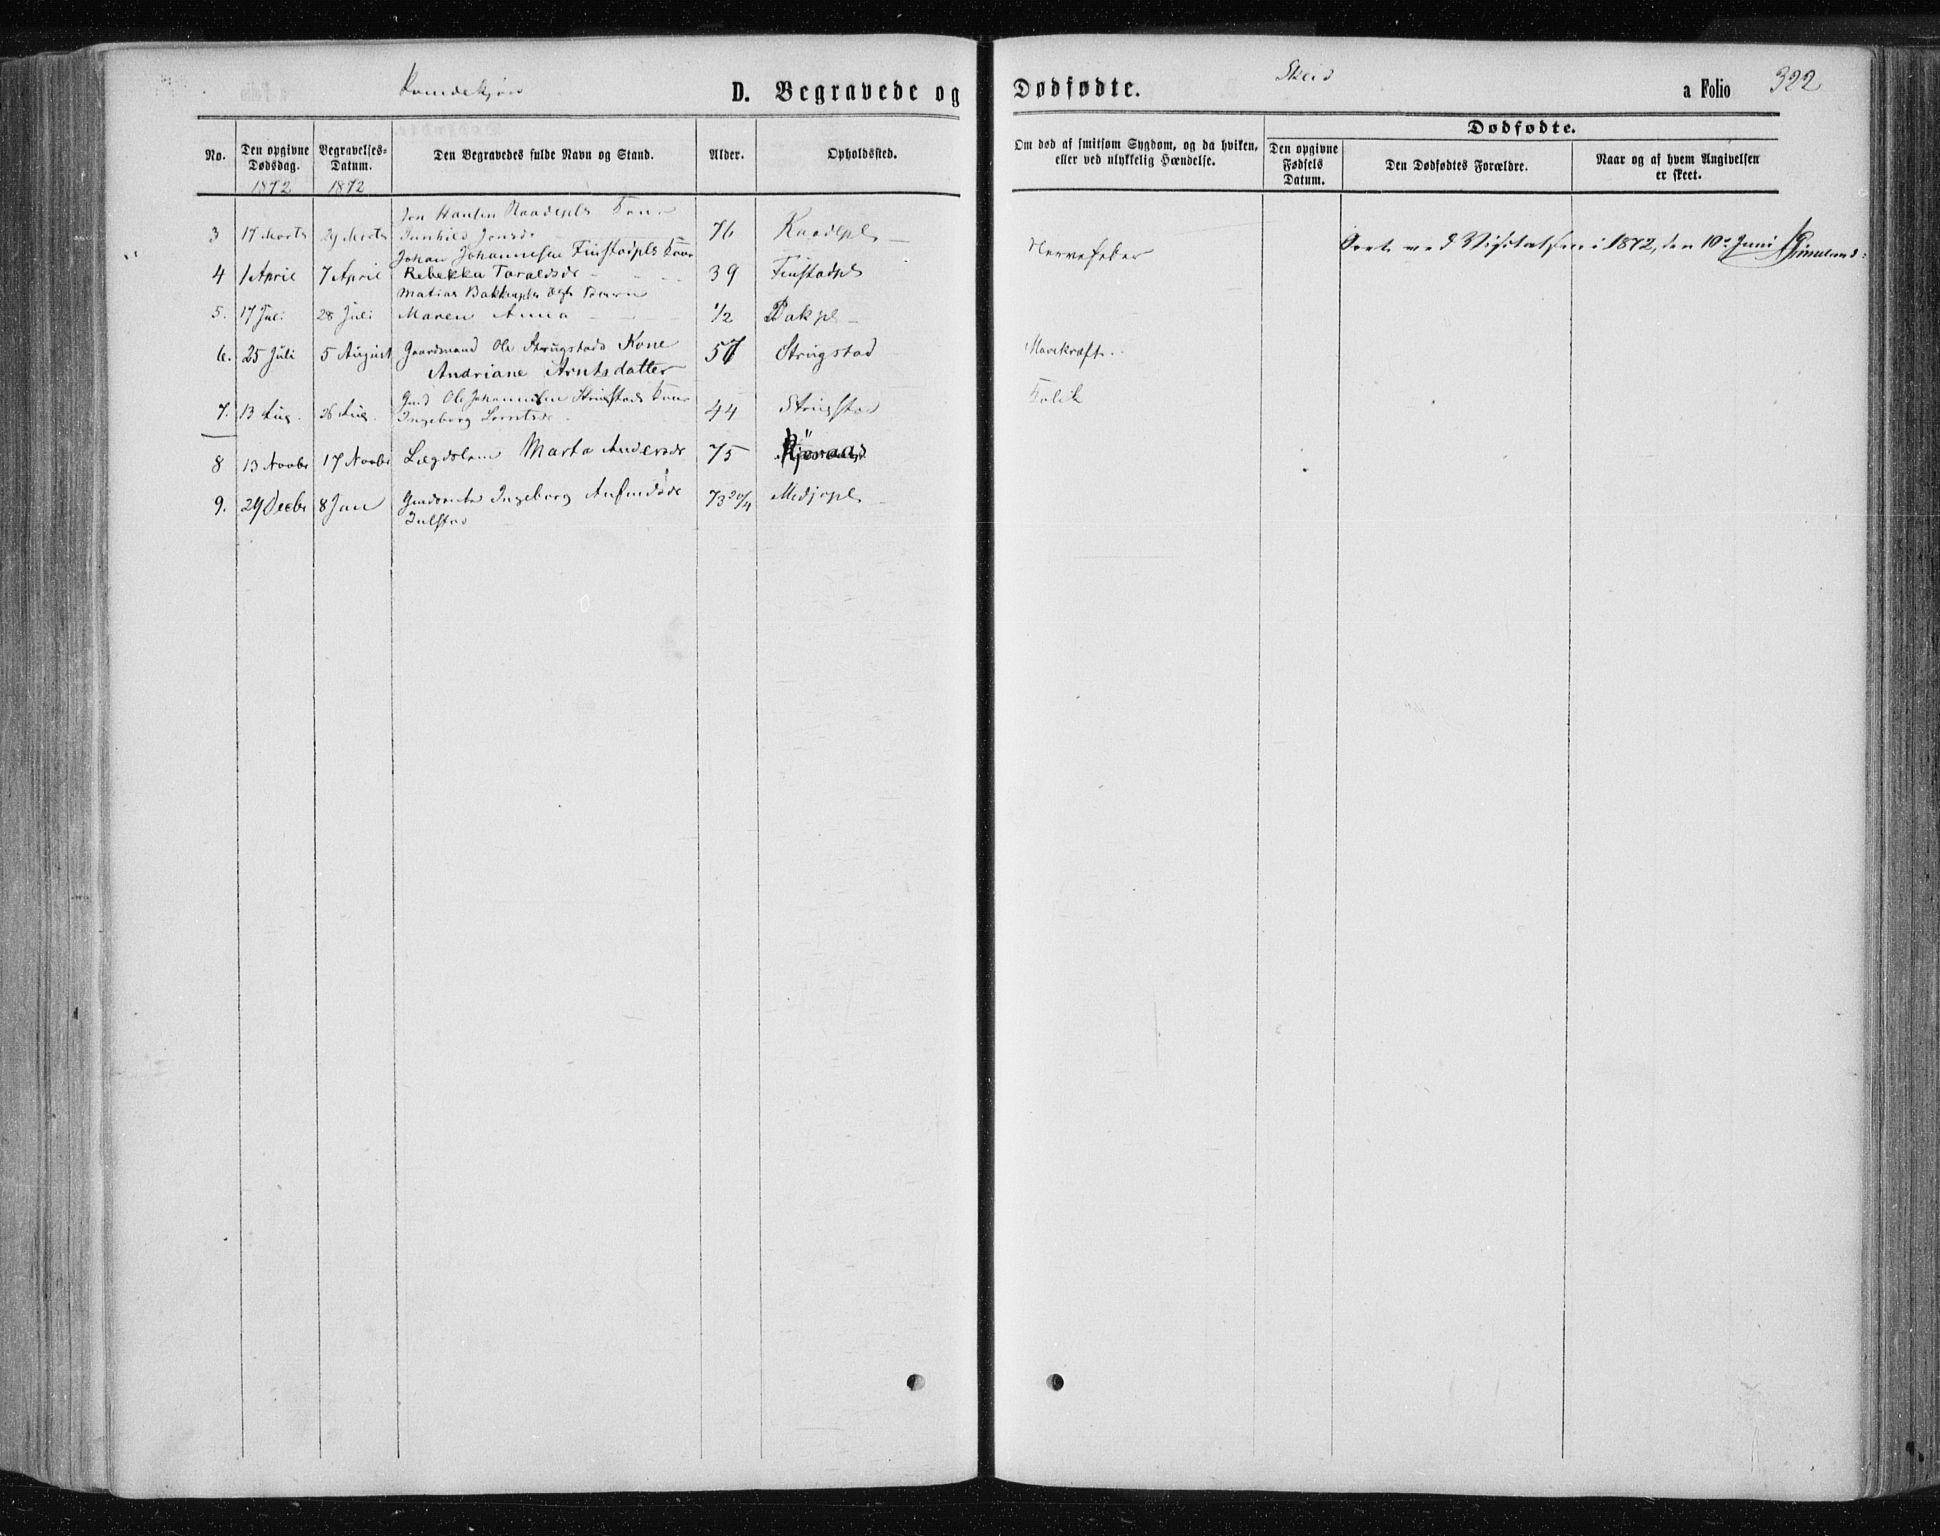 SAT, Ministerialprotokoller, klokkerbøker og fødselsregistre - Nord-Trøndelag, 735/L0345: Ministerialbok nr. 735A08 /2, 1863-1872, s. 322